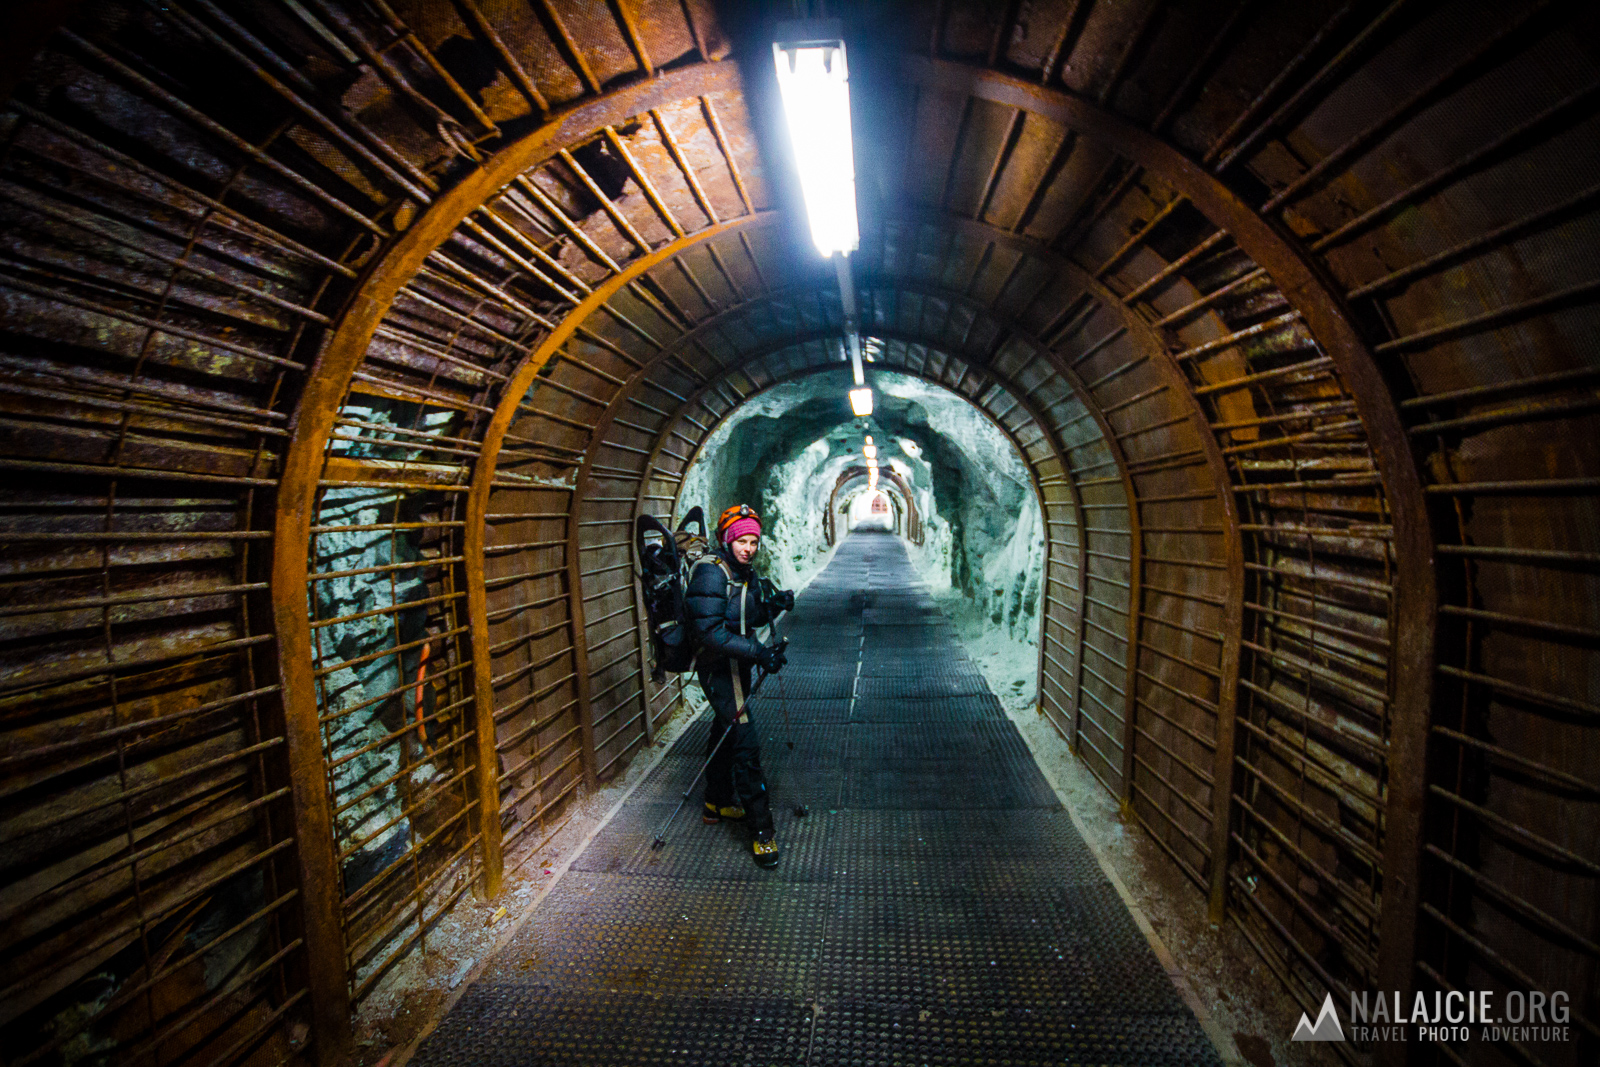 tunel pod stacją kolejki Felskinn (czynny nawet w środku nocy)